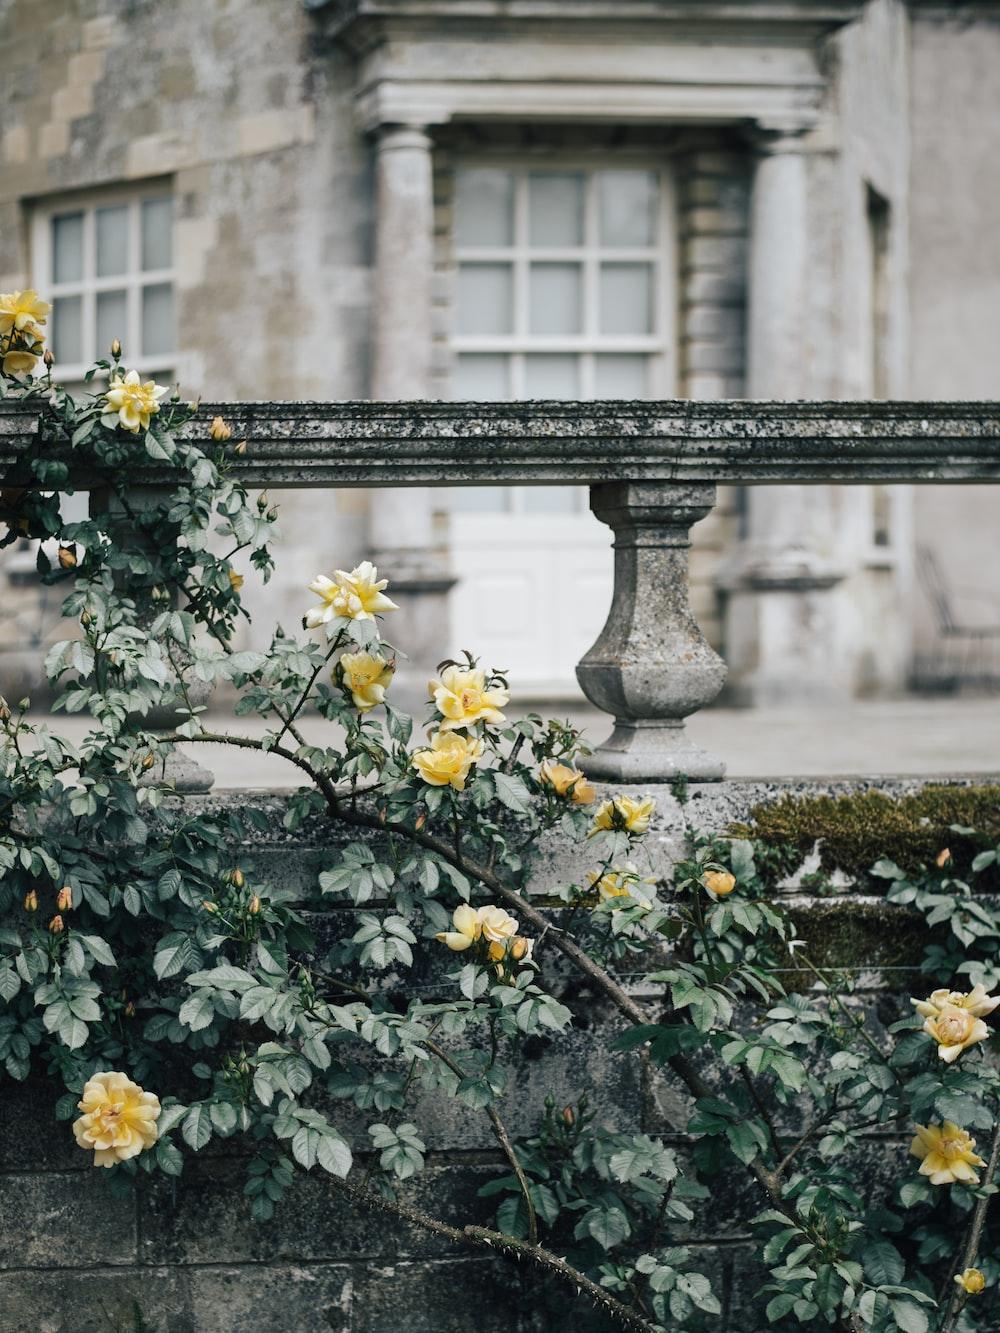 yellow flower near pillars